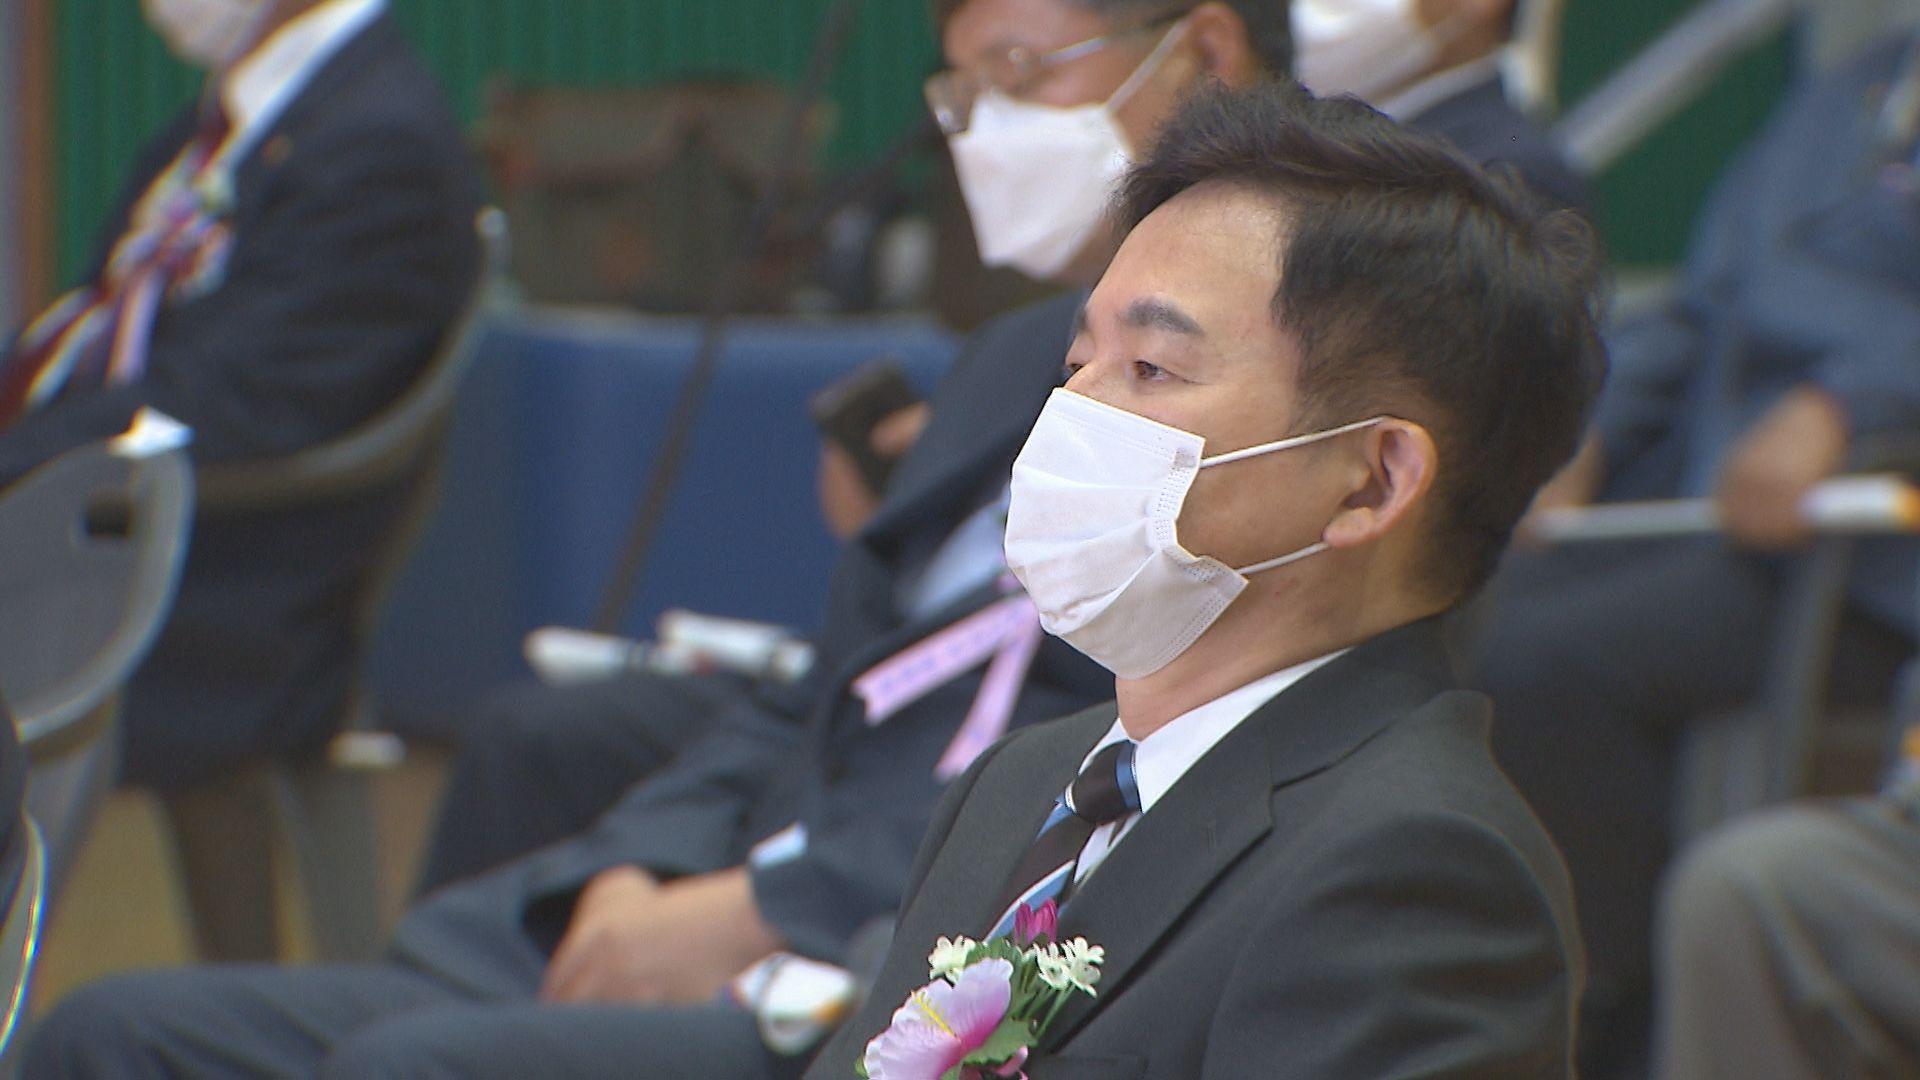 (사진1)원희룡 광복절 축사 논란... 현장취재 뒷이야기.jpg